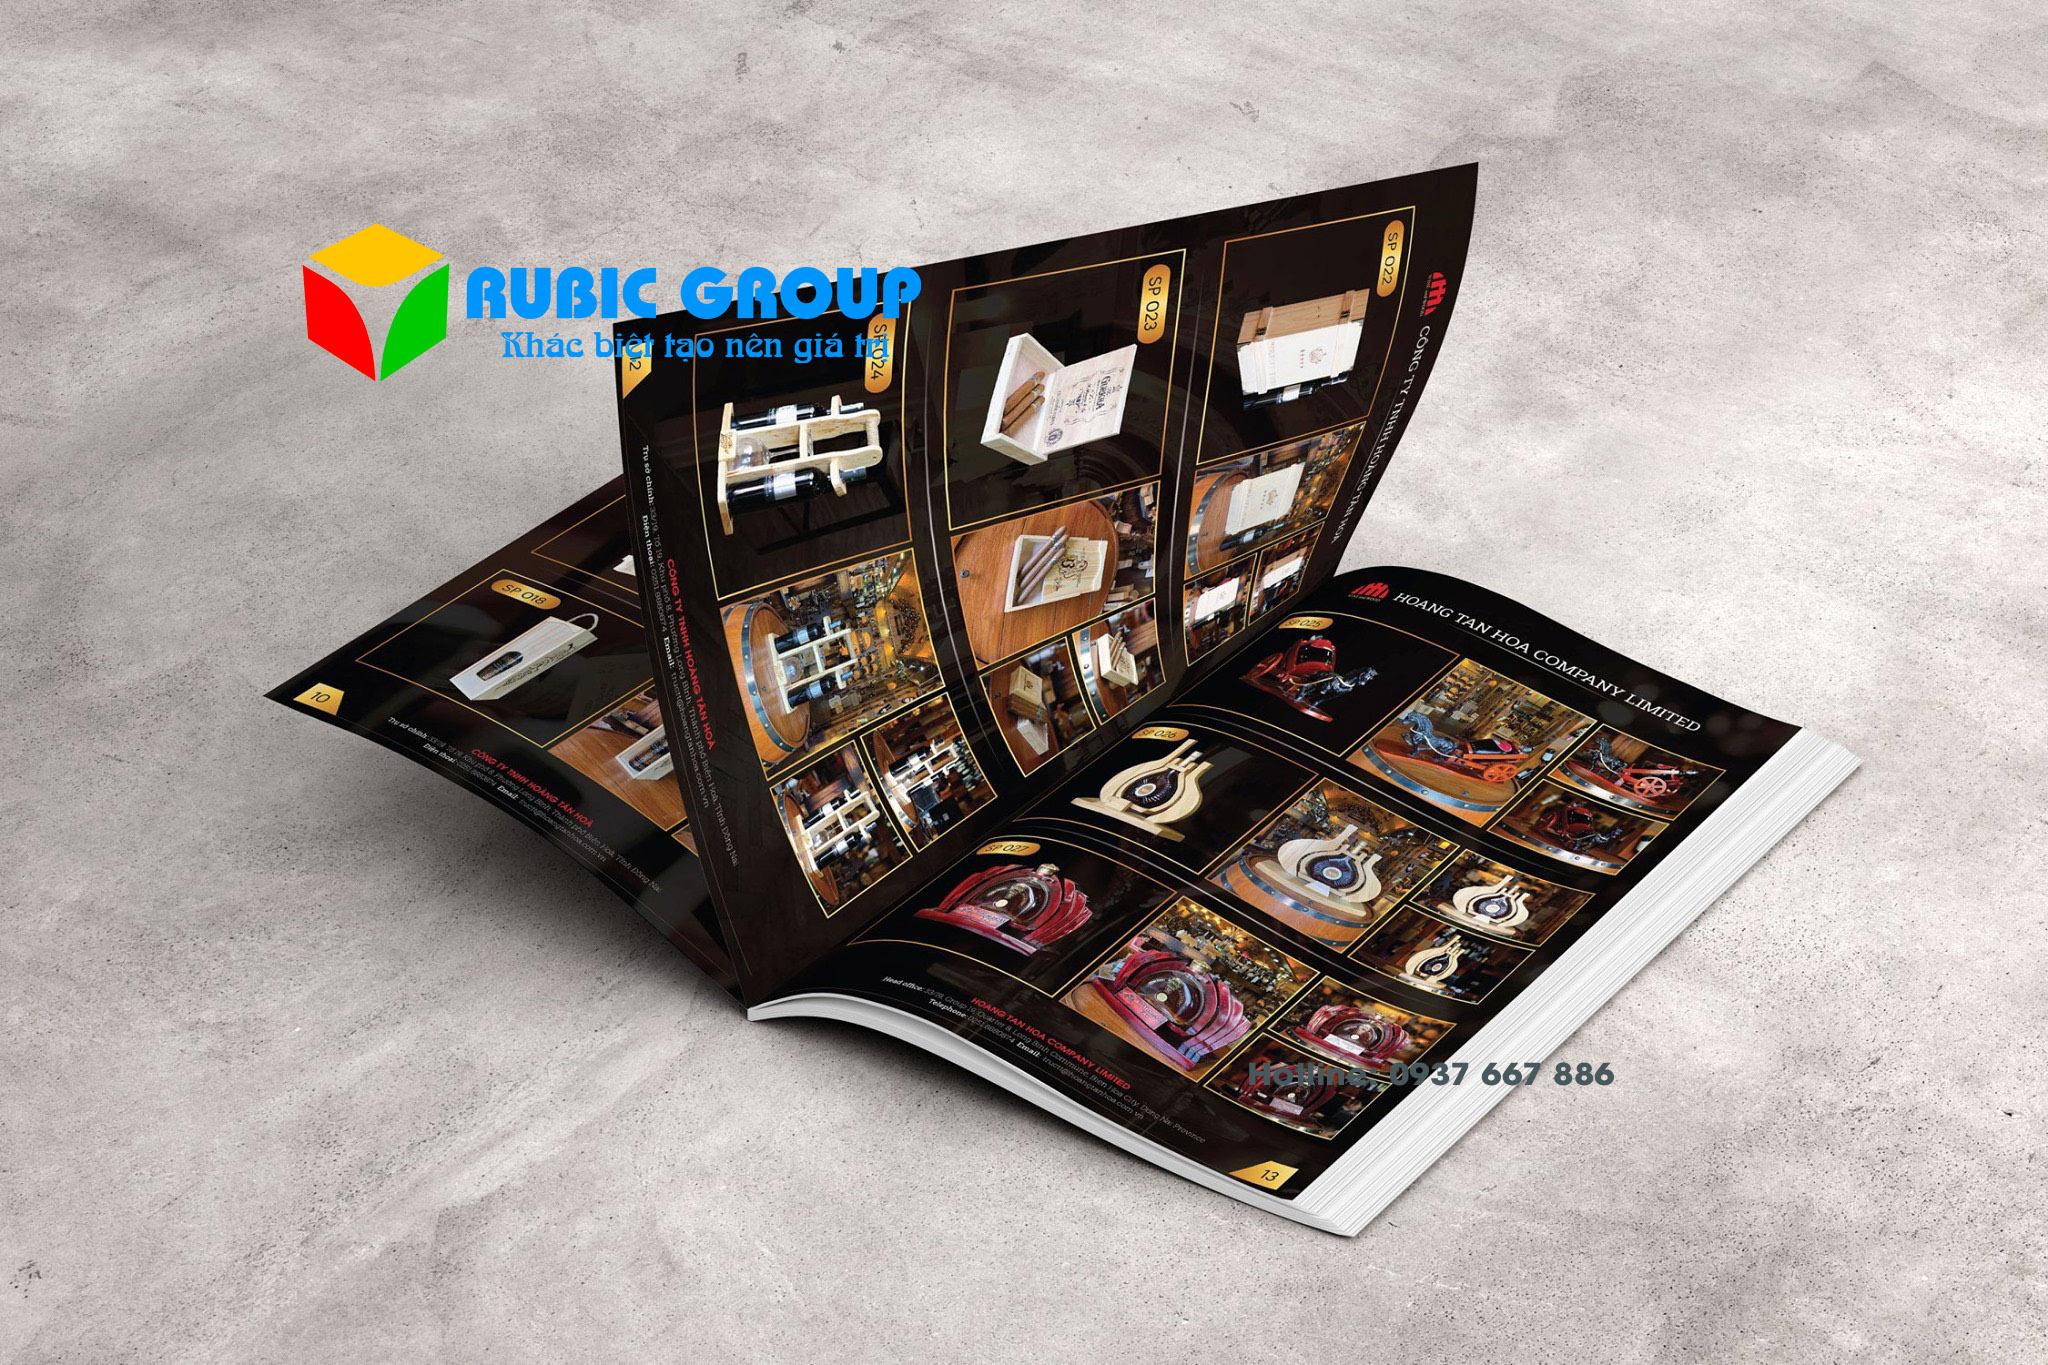 catalogue nội thất chuyên nghiệp